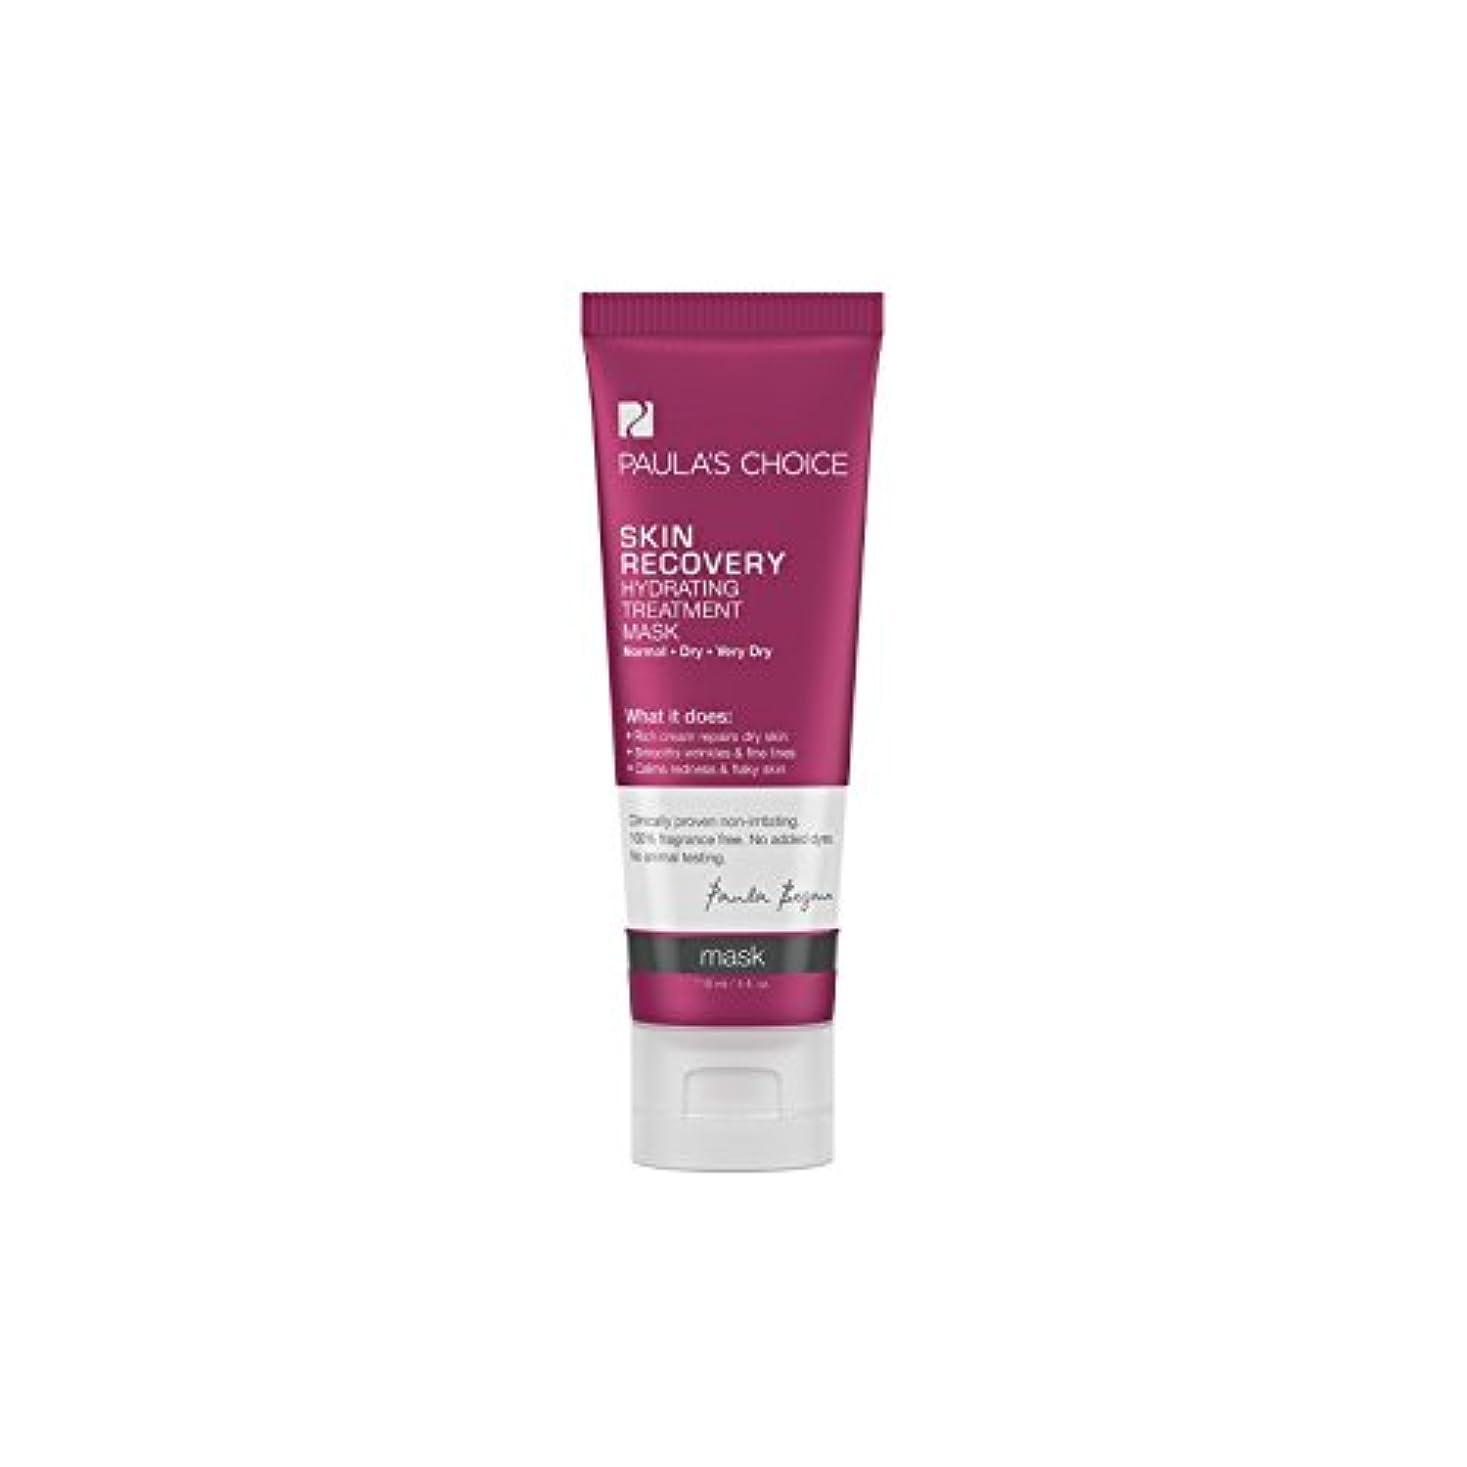 揃える発送メンテナンスPaula's Choice Skin Recovery Hydrating Treatment Mask (118ml) (Pack of 6) - ポーラチョイスの肌の回復水和処理マスク(118ミリリットル) x6...